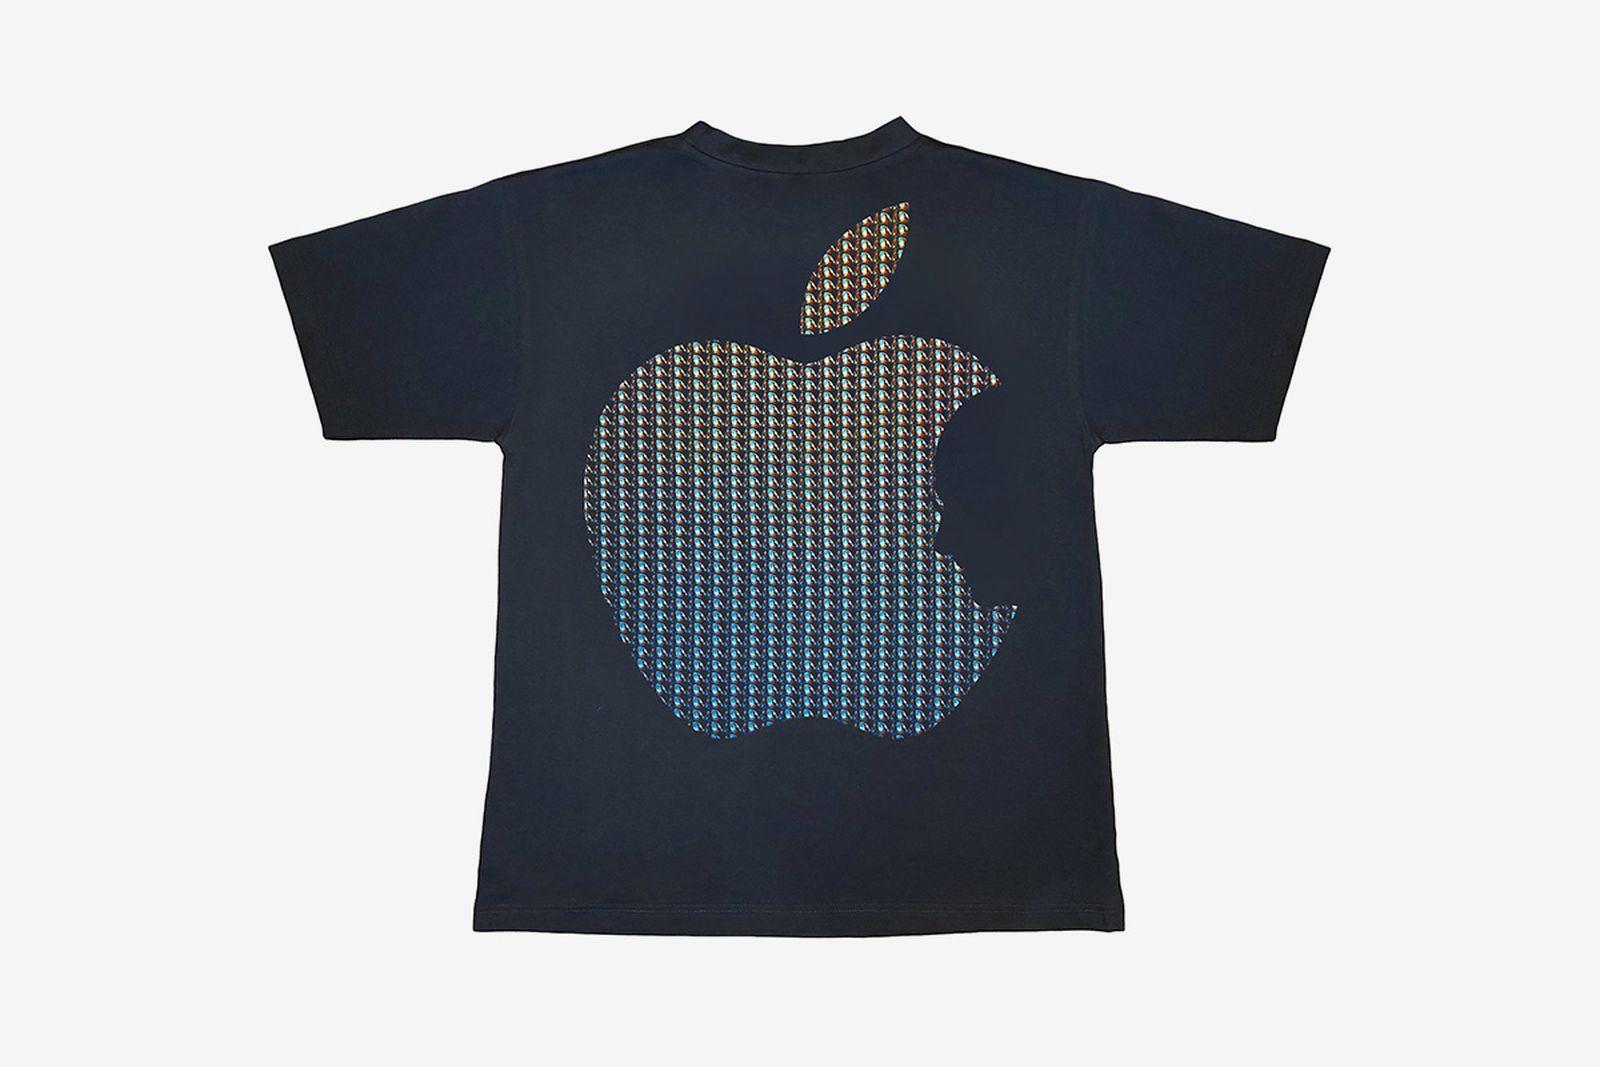 marino morwood steve jobs tee apple